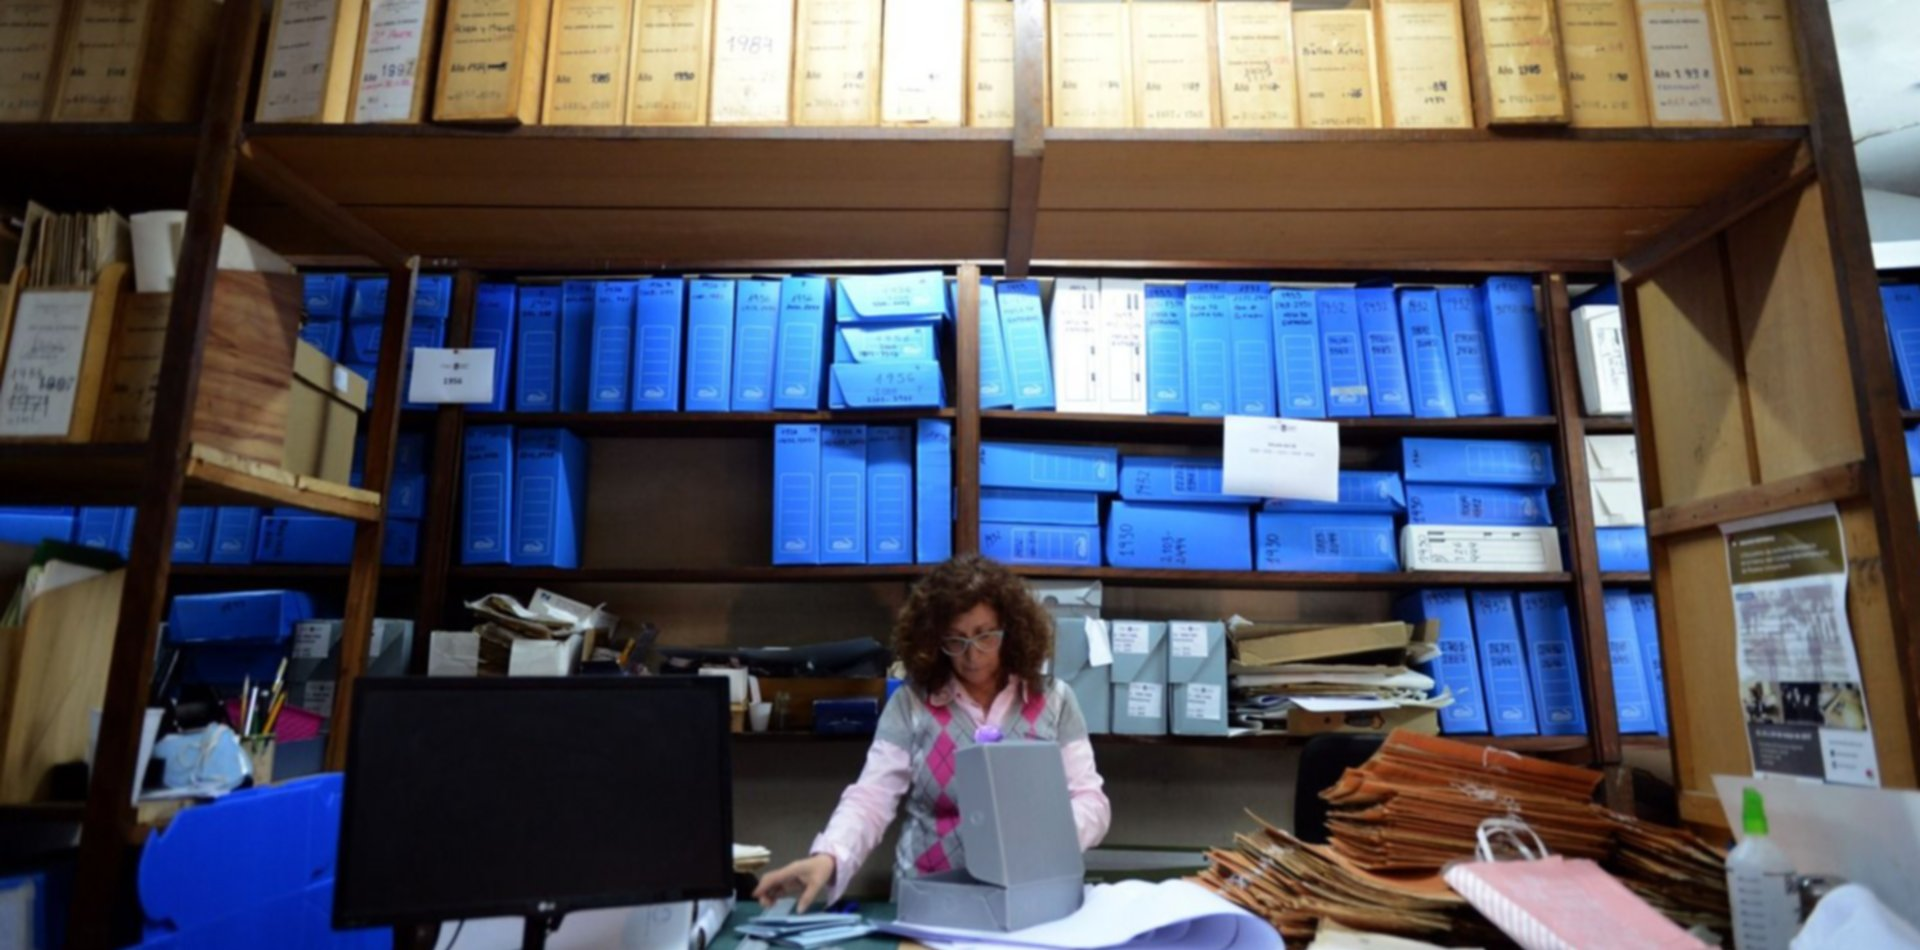 El Archivo Histórico reunirá el patrimonio producido por la UNLP sobre el coronavirus